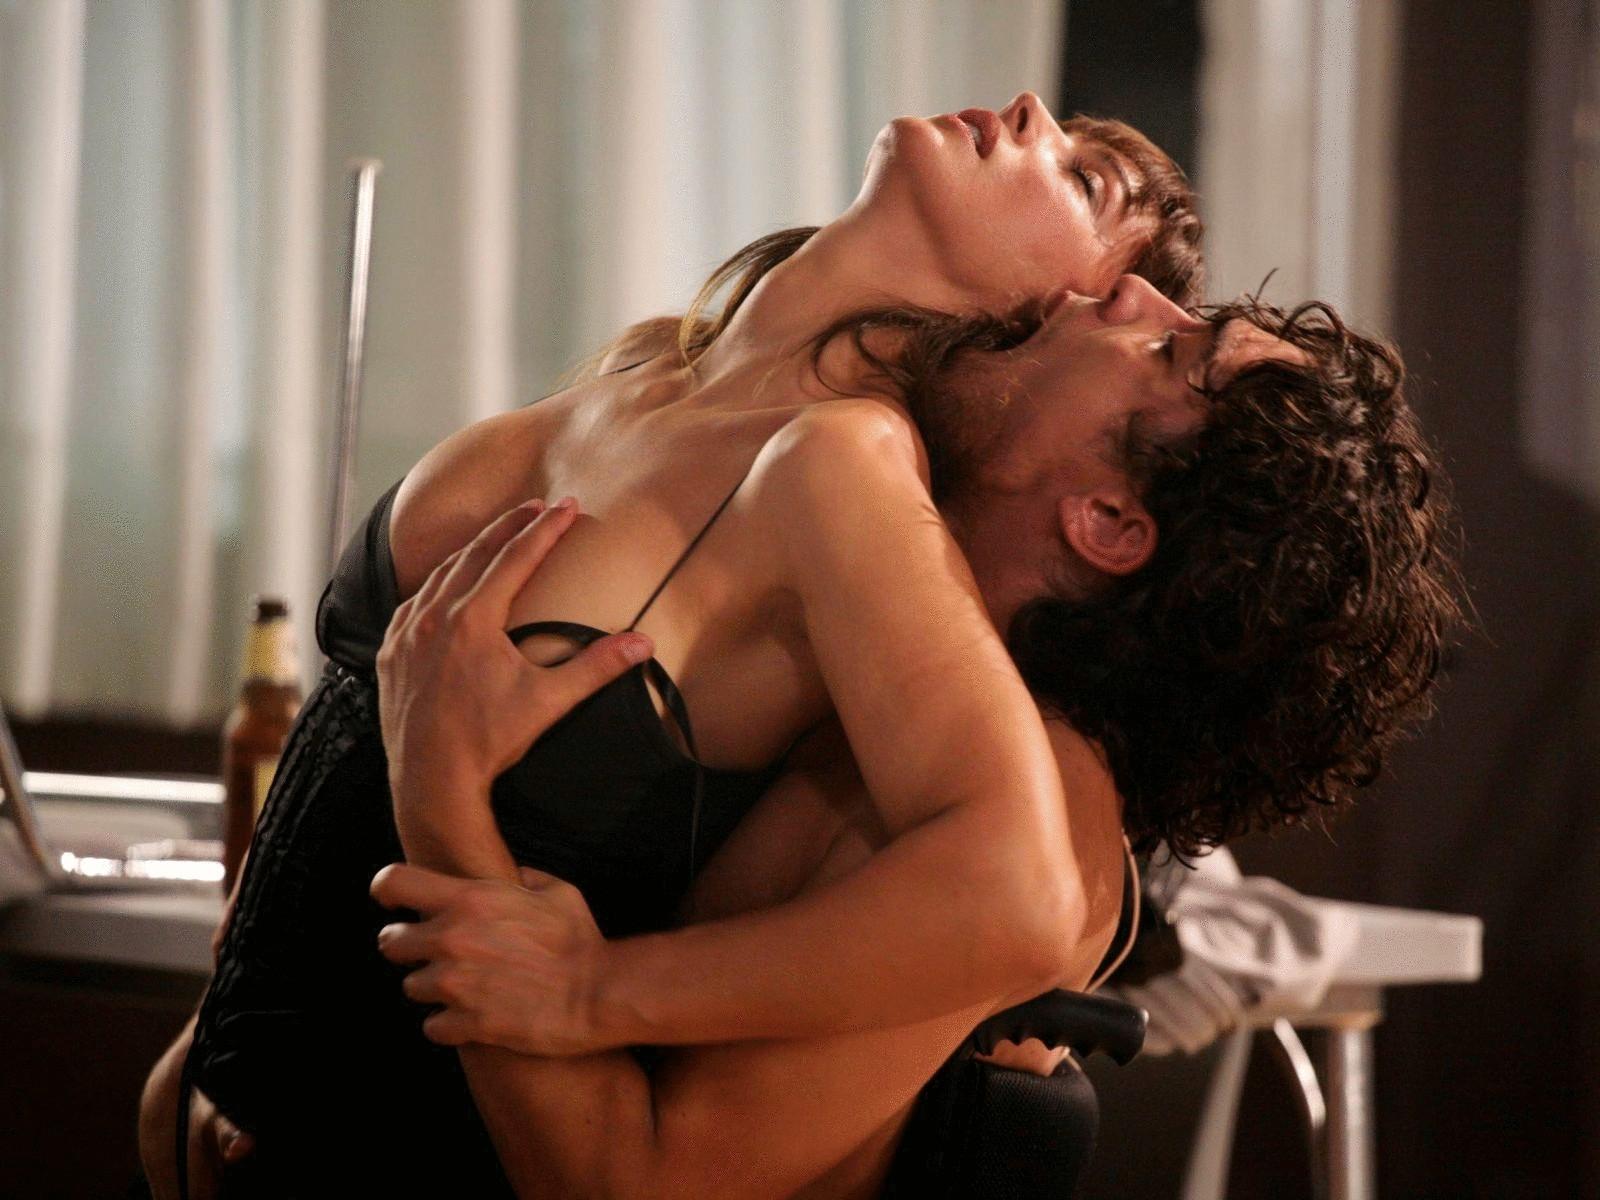 eroticheskih-filmov-smotret-onlayn